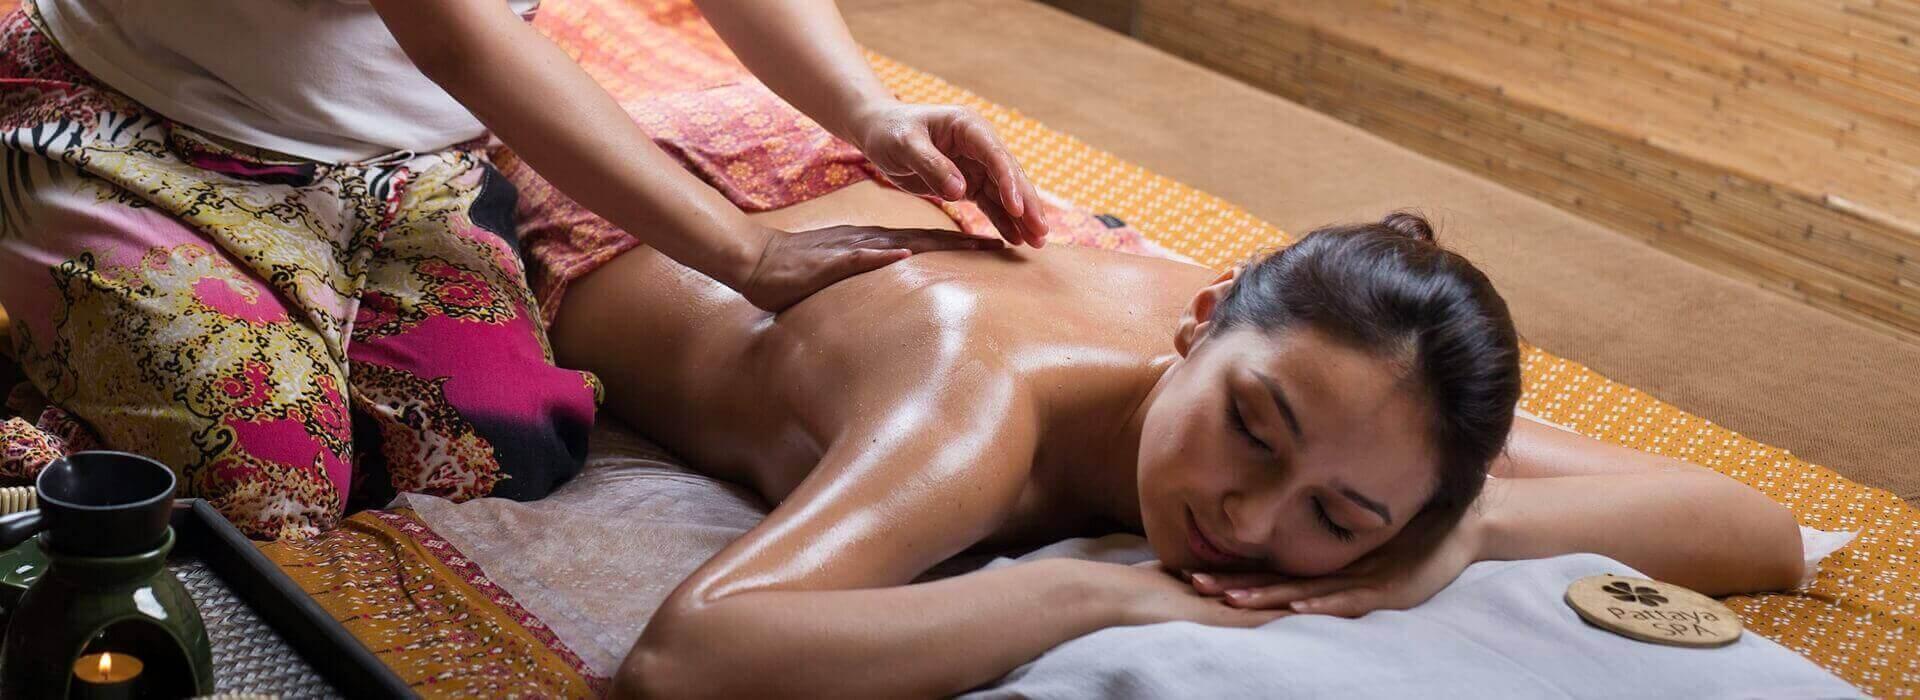 Секс на массаже с негритянками, Массаж Негритянке (найдено 28 порно видео роликов) 16 фотография